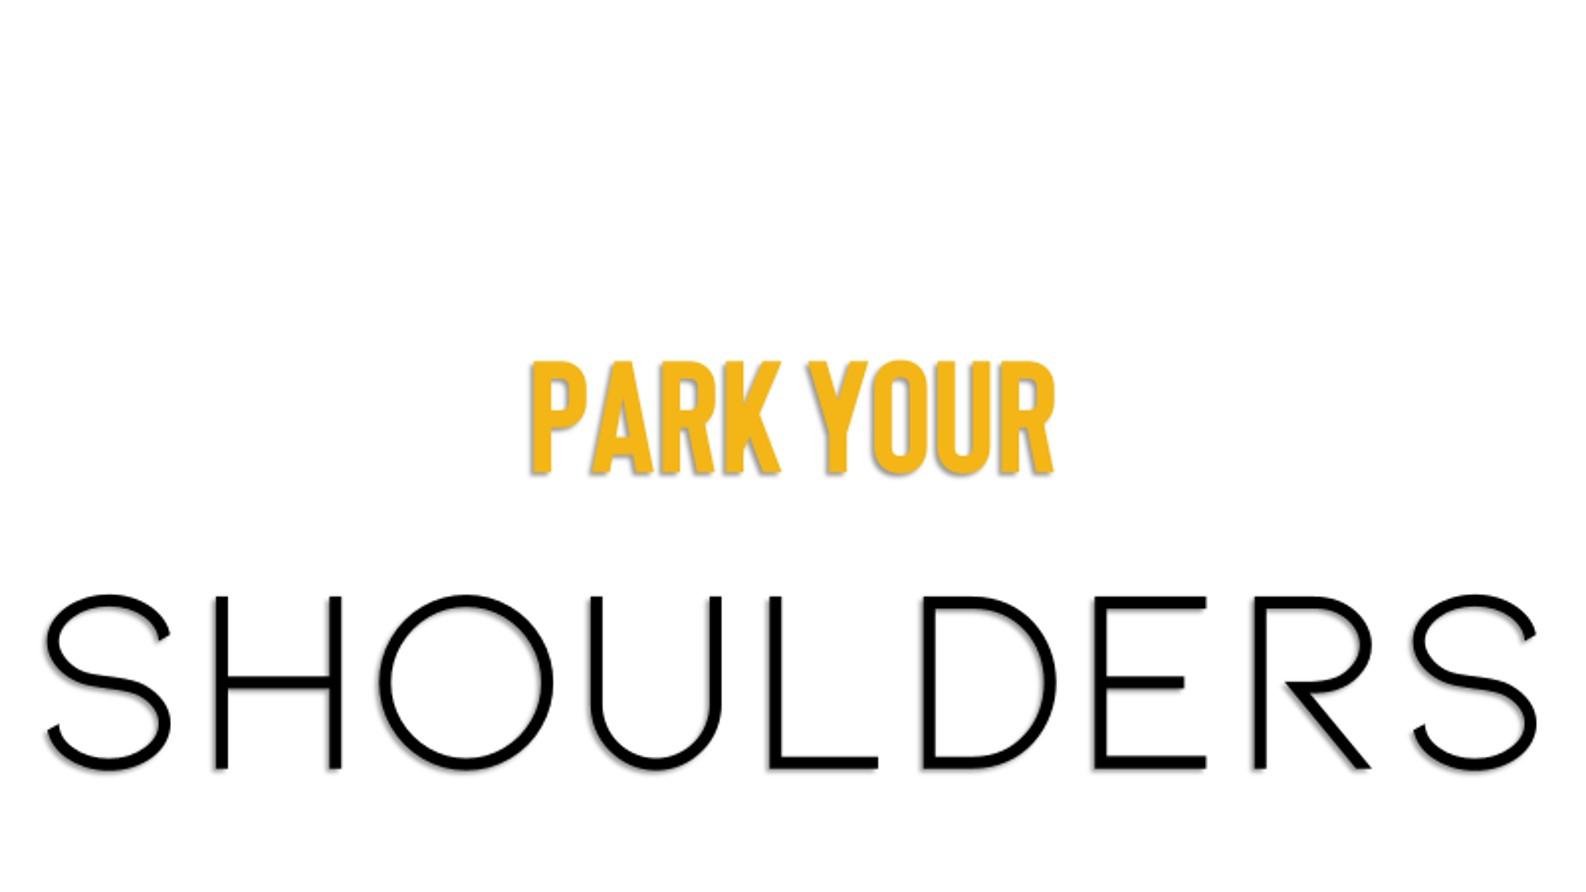 Park your shoulders